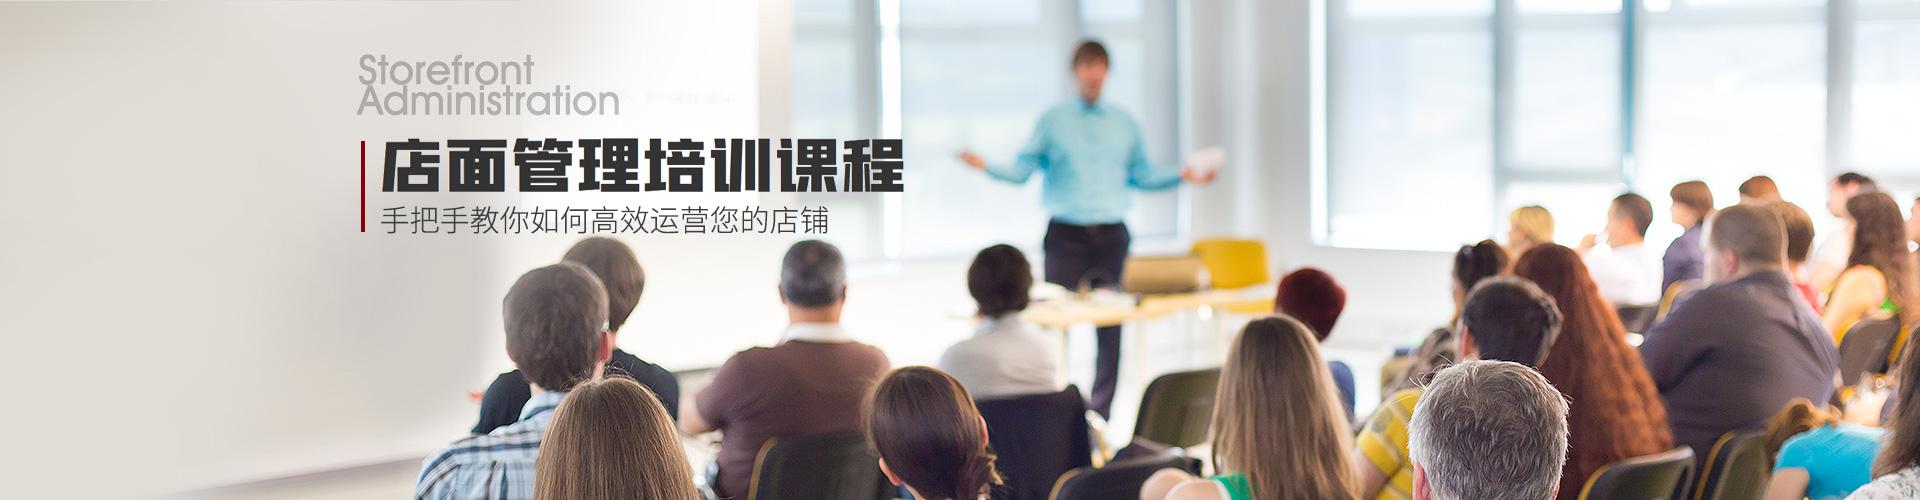 合家欢-店面管理培训课程